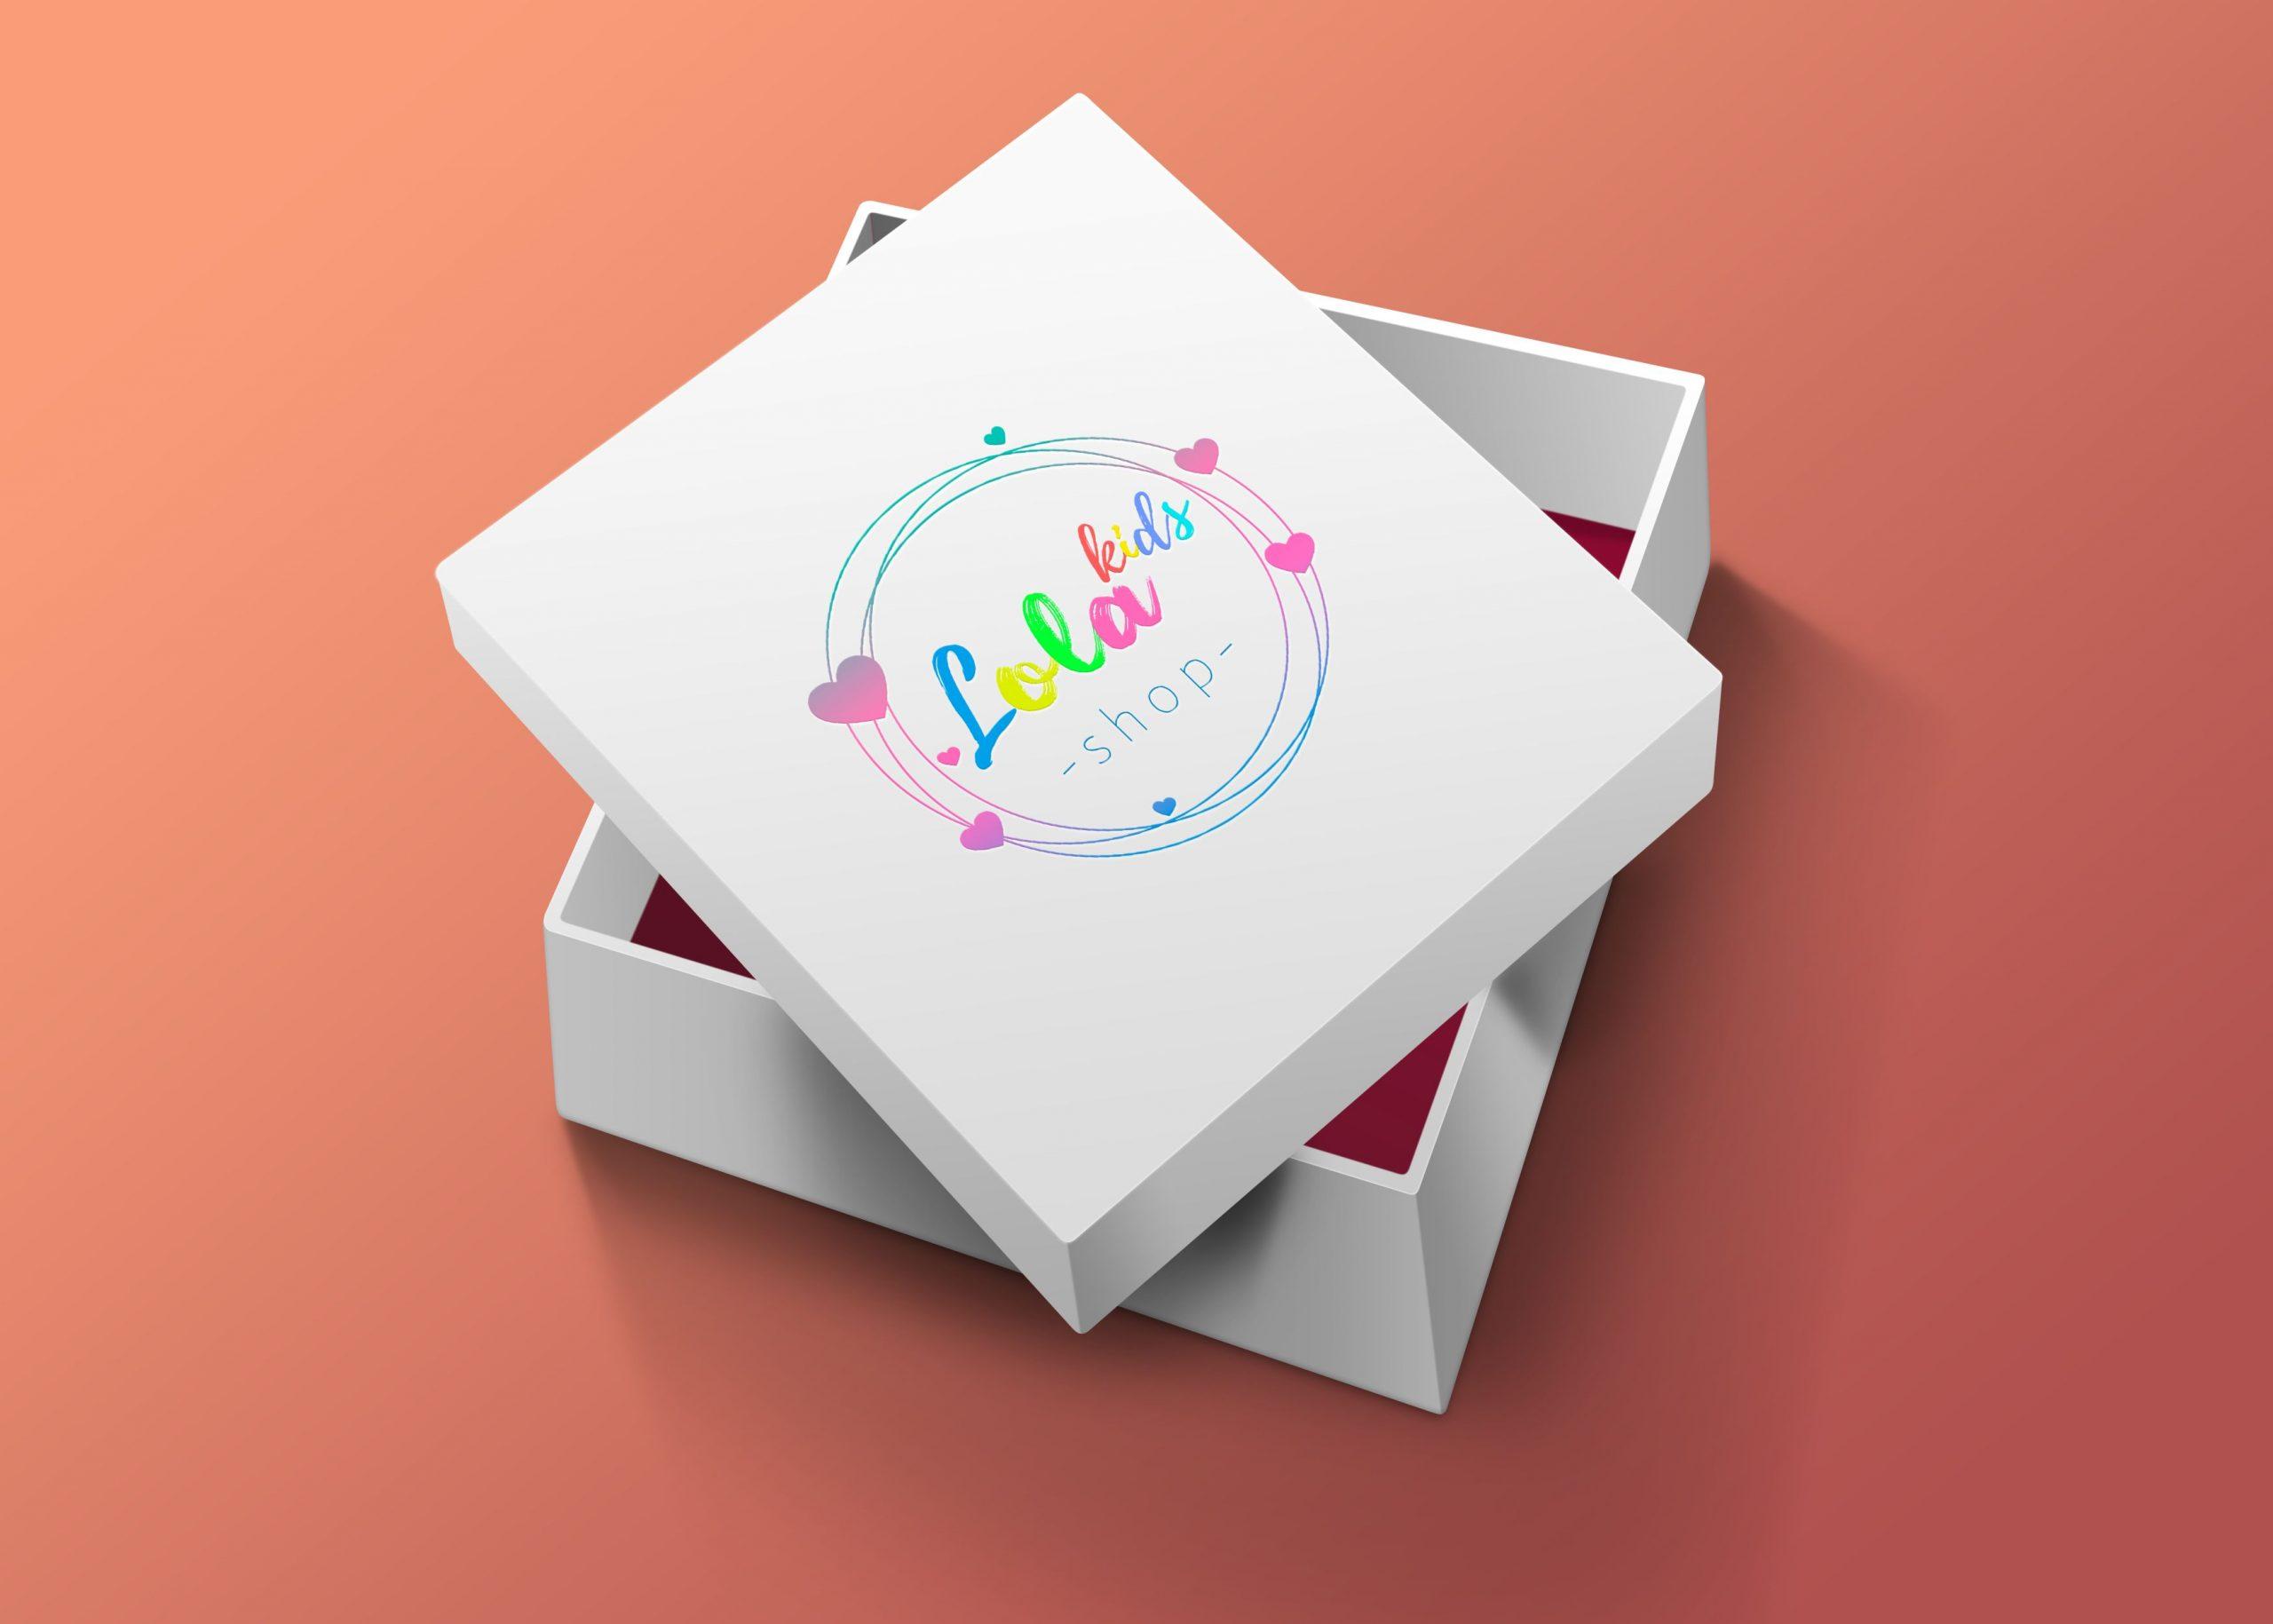 """Розробка логотипу для магазину """"Lola Shop"""""""